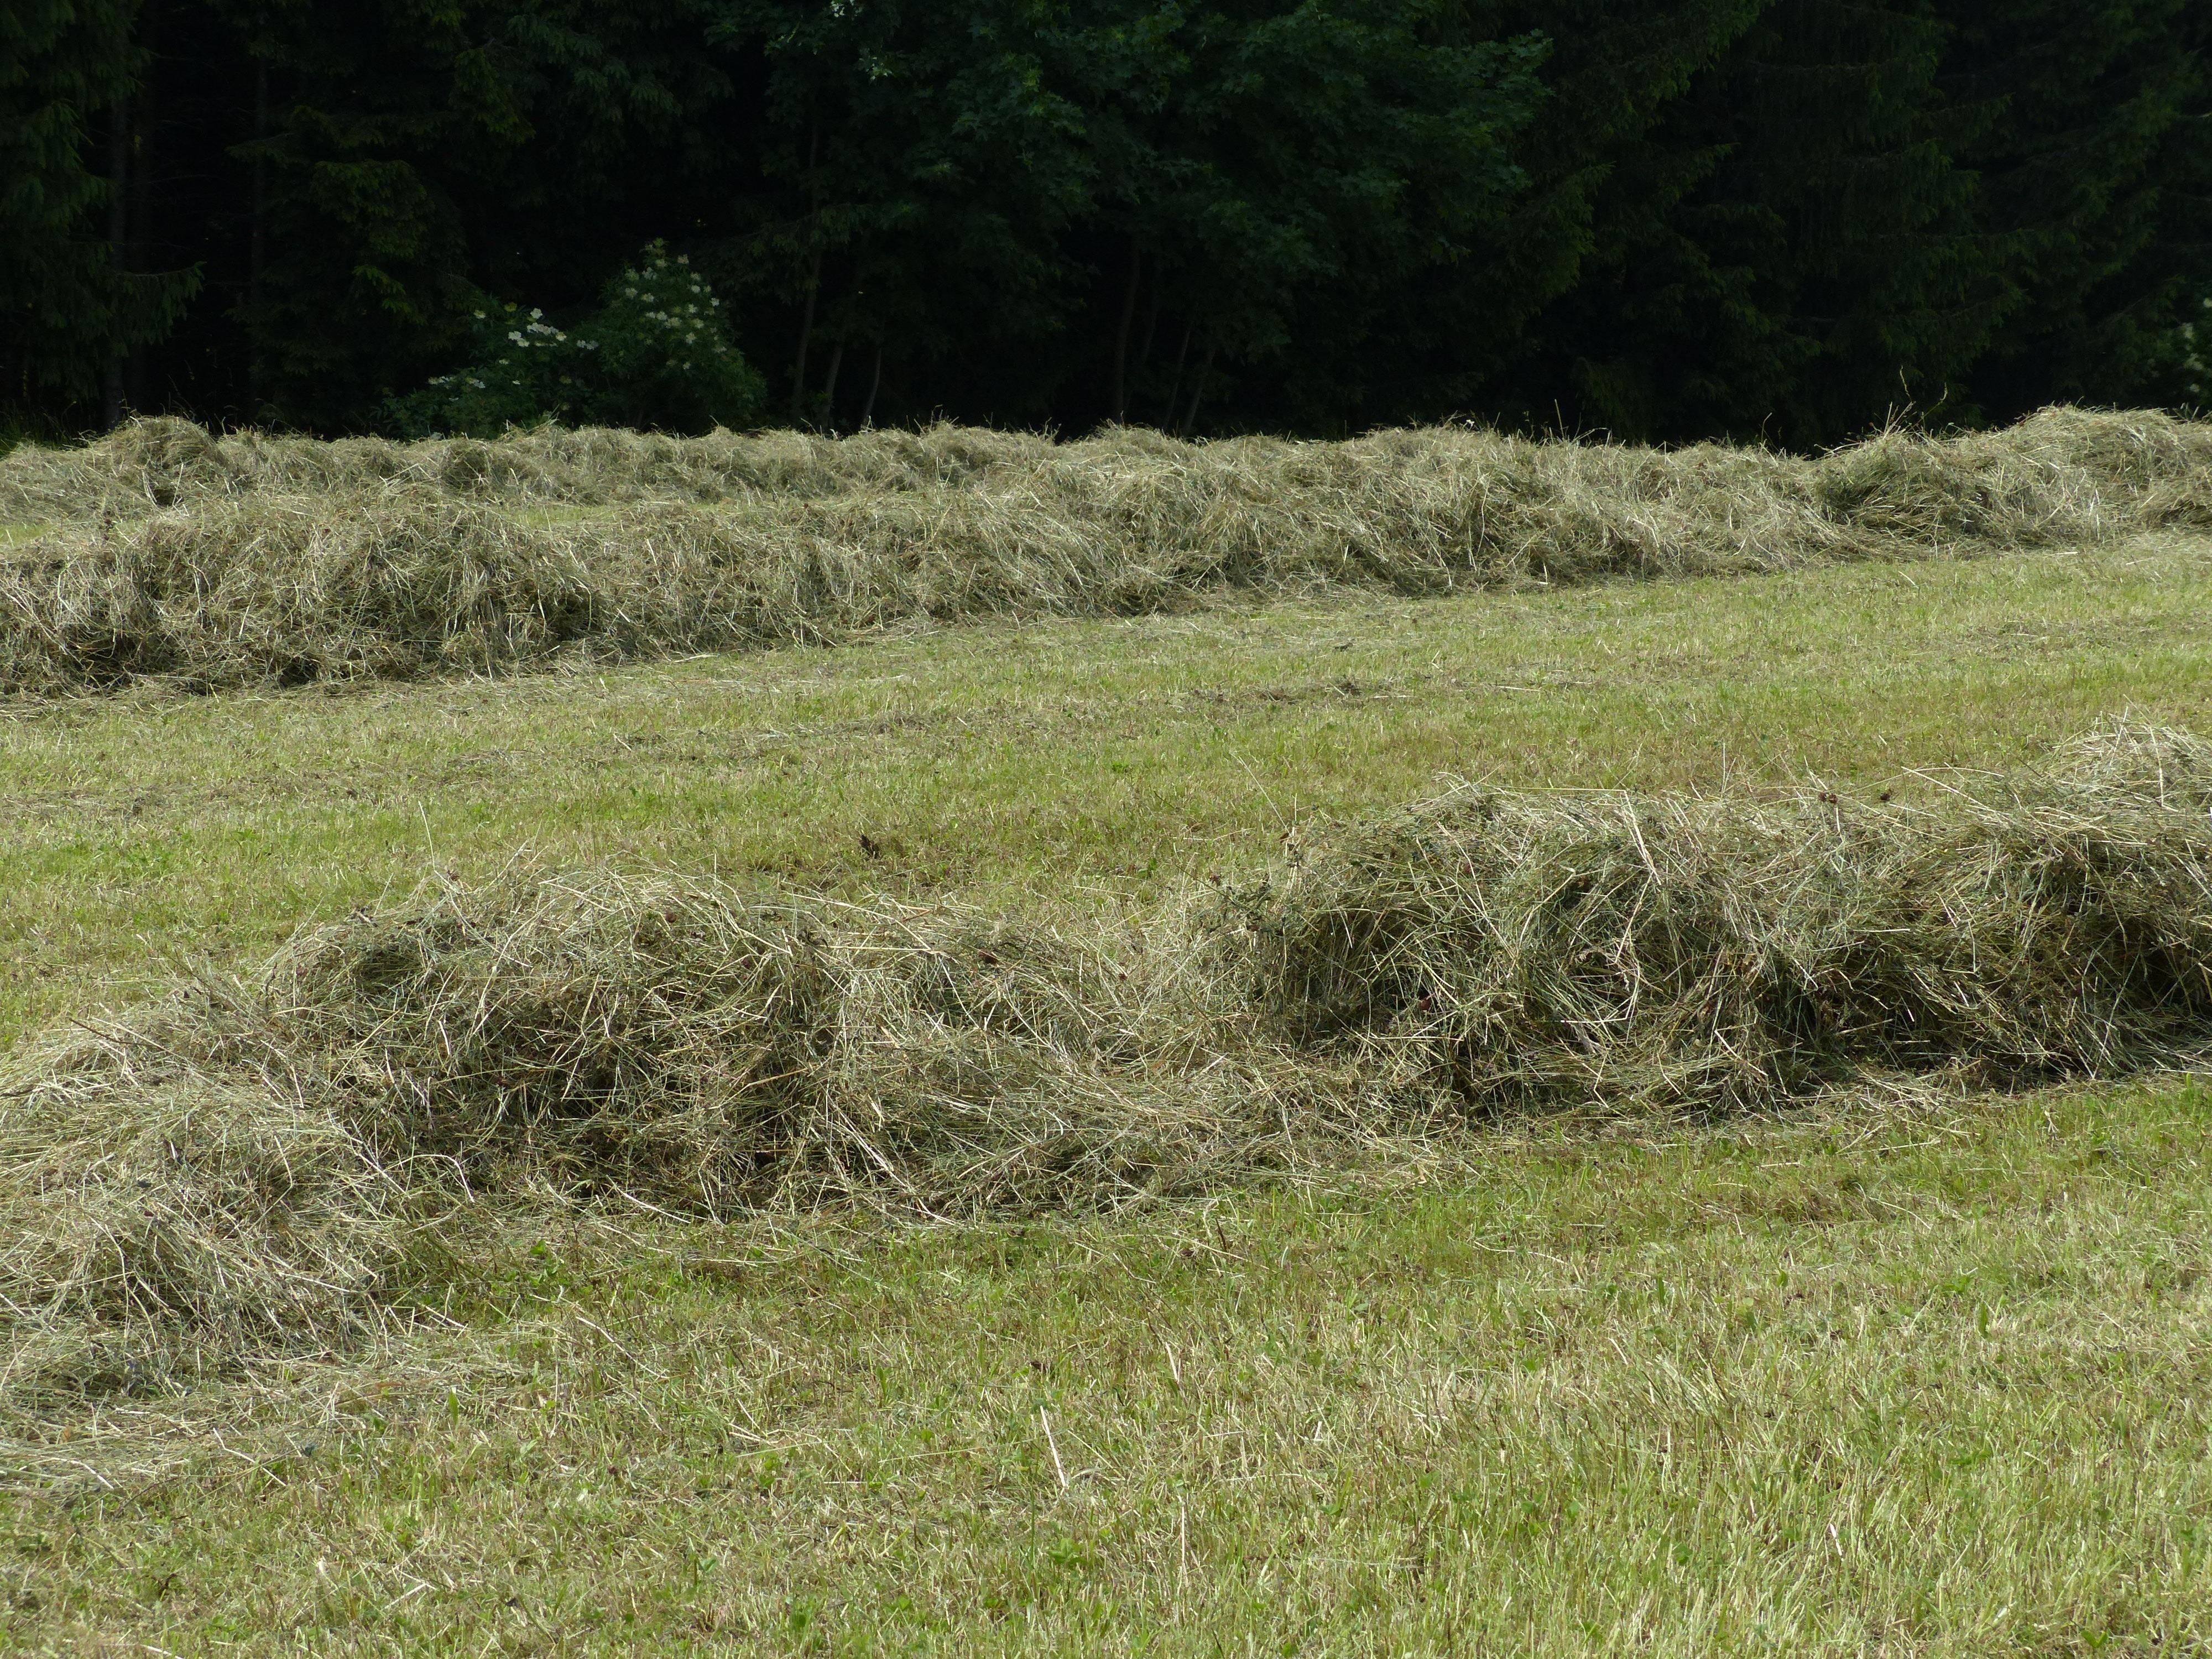 трава скошена картинка символа было